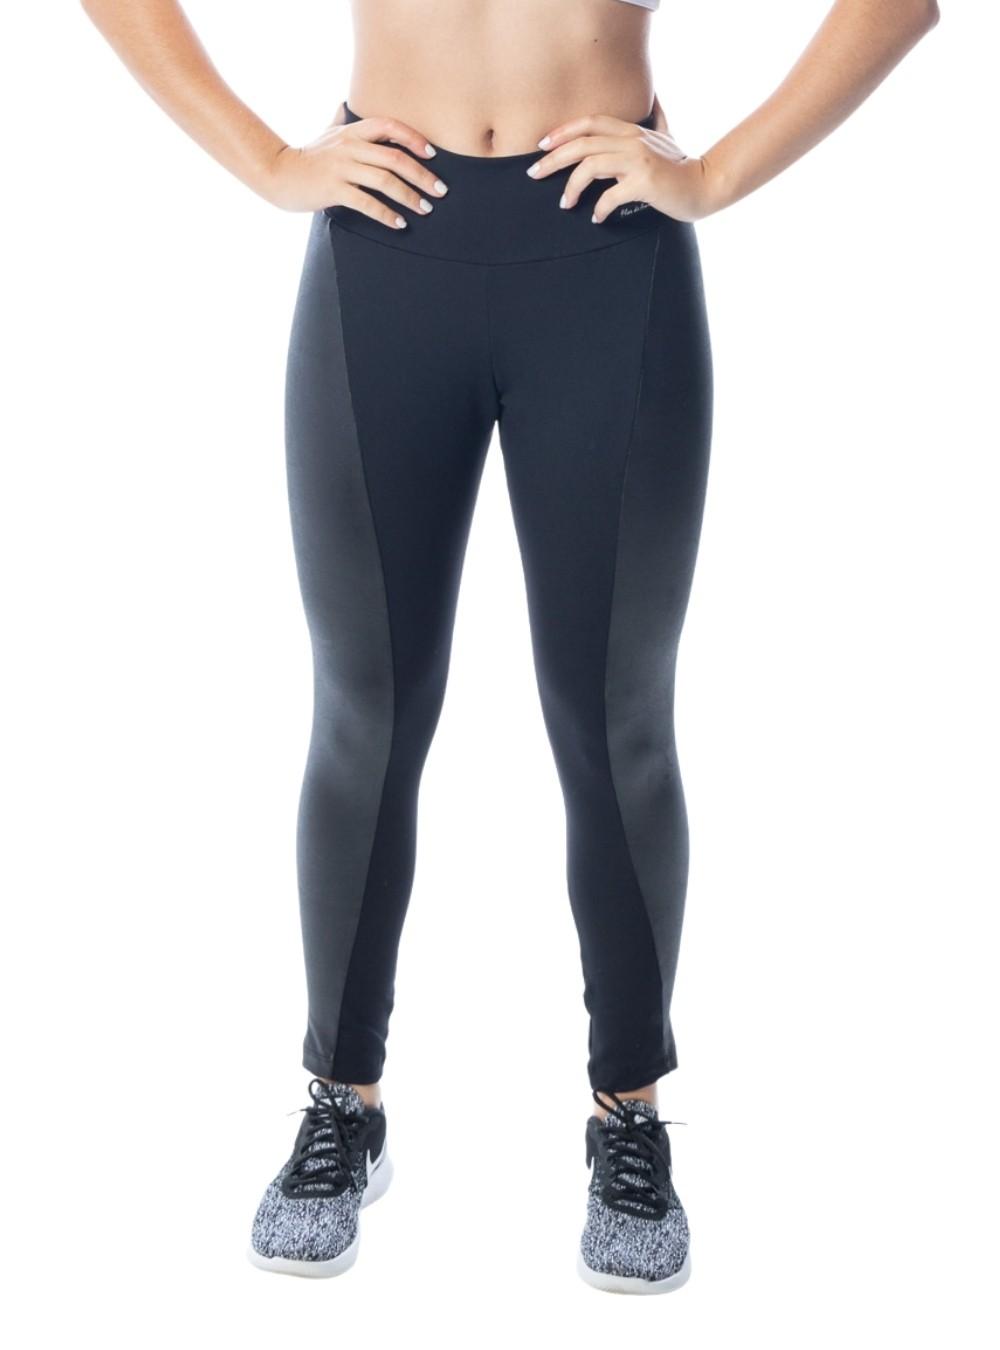 Calça Legging  Fitness Preta Poliamida com Recortes